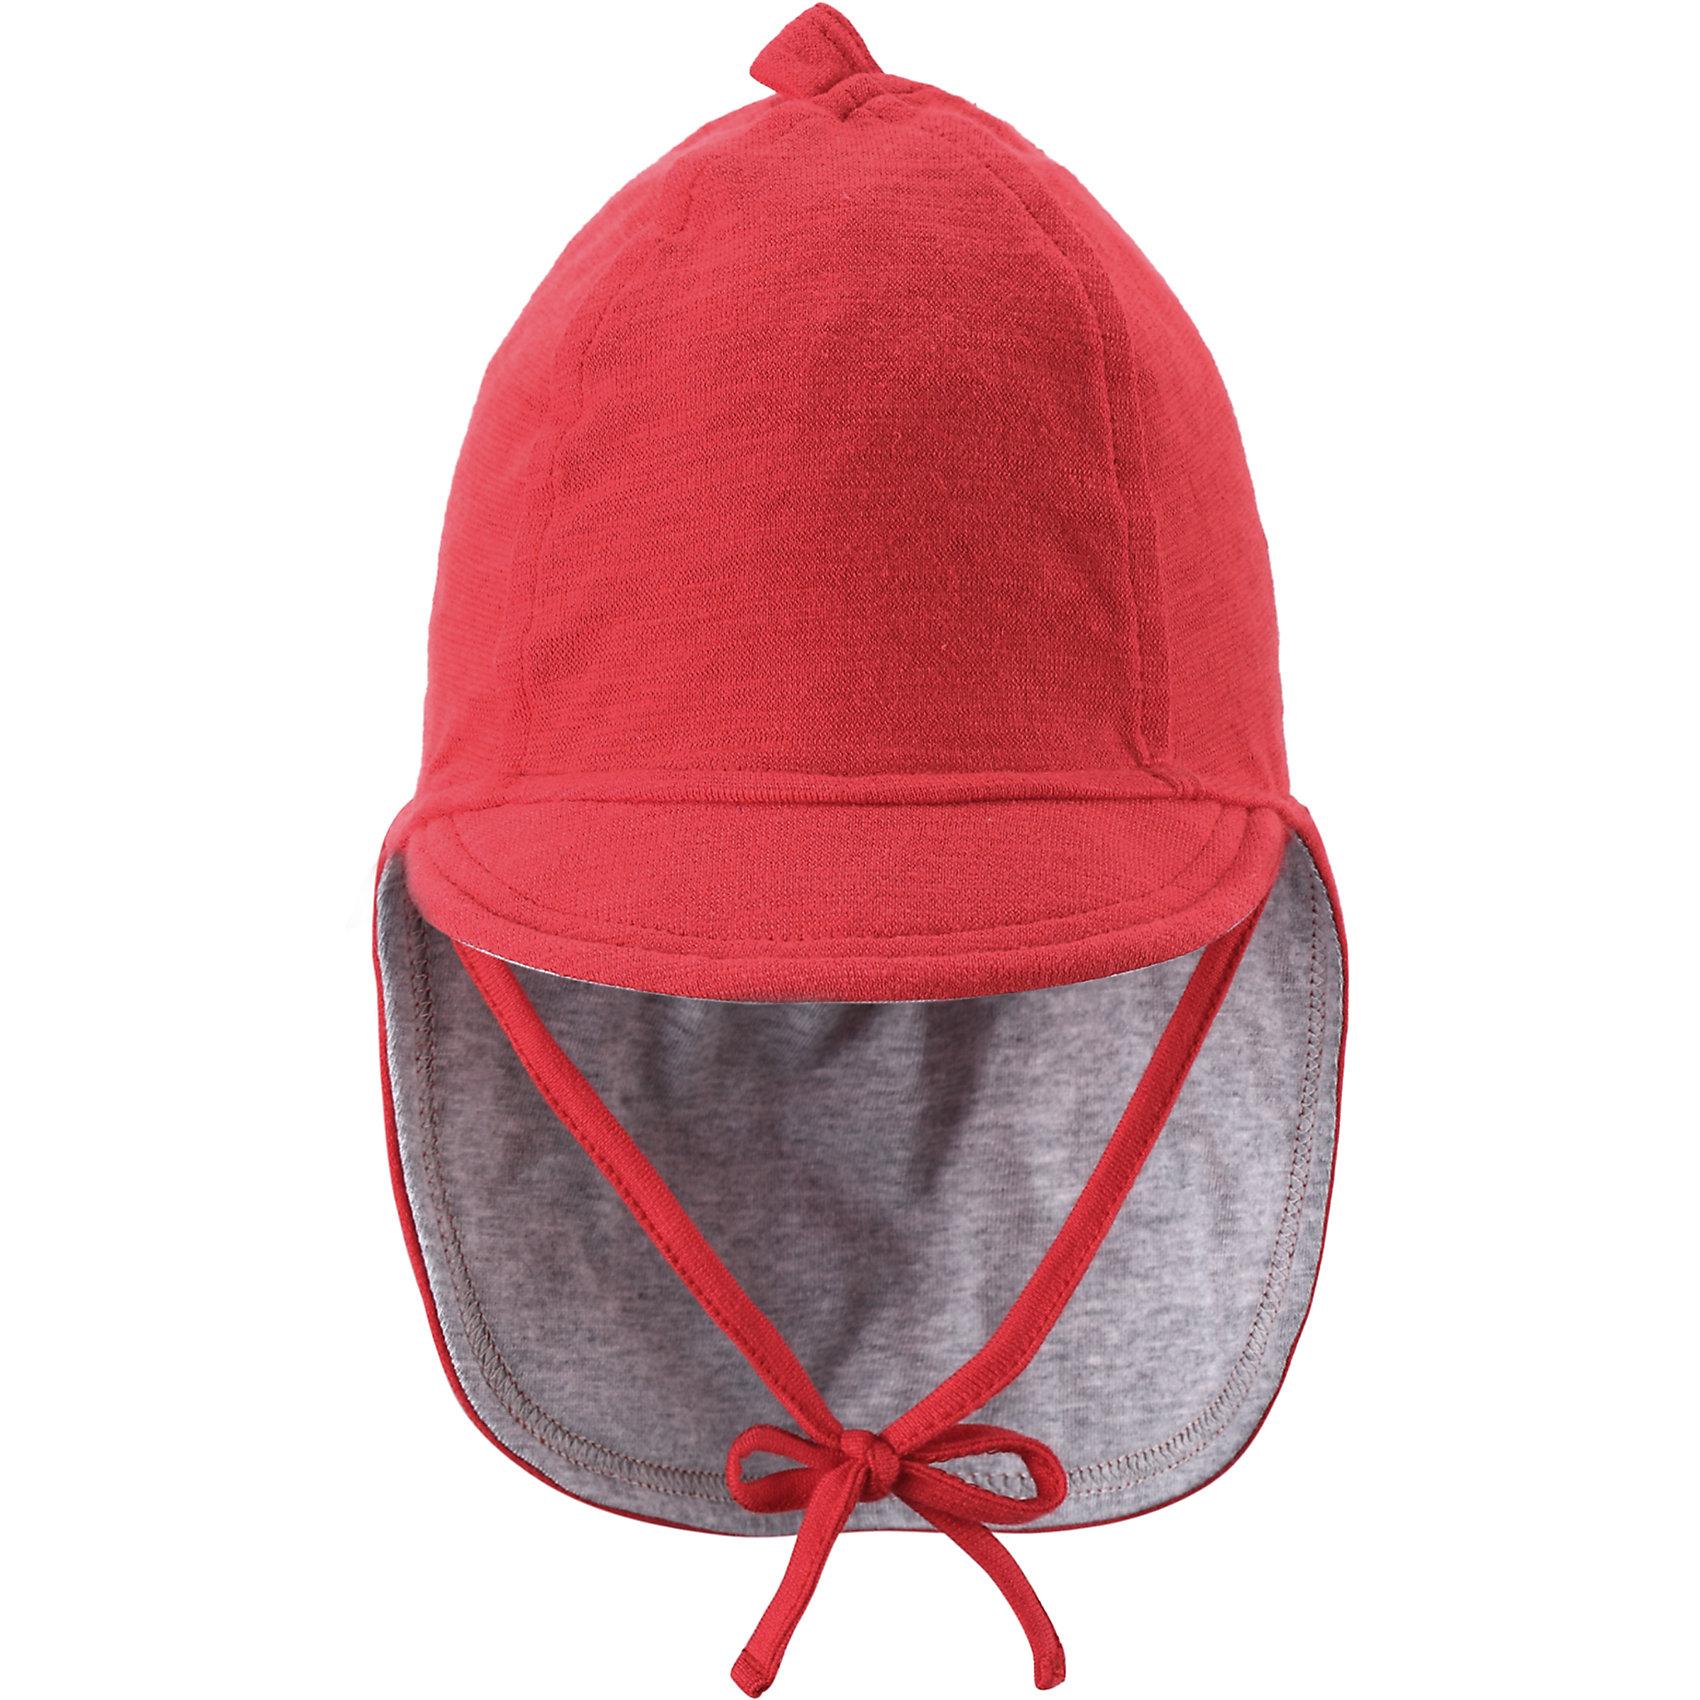 Шапка для девочки ReimaШапки и шарфы<br>А вот и солнце! Защитите личико и шею младенца от негативного воздействия ультрафиолетовых лучей с помощью классической солнцезащитной шляпы Sunproof.<br><br>Шапку  Reima (Рейма) можно купить в нашем магазине.<br><br>Ширина мм: 89<br>Глубина мм: 117<br>Высота мм: 44<br>Вес г: 155<br>Цвет: красный<br>Возраст от месяцев: 1<br>Возраст до месяцев: 2<br>Пол: Женский<br>Возраст: Детский<br>Размер: 40,36,44<br>SKU: 4566049